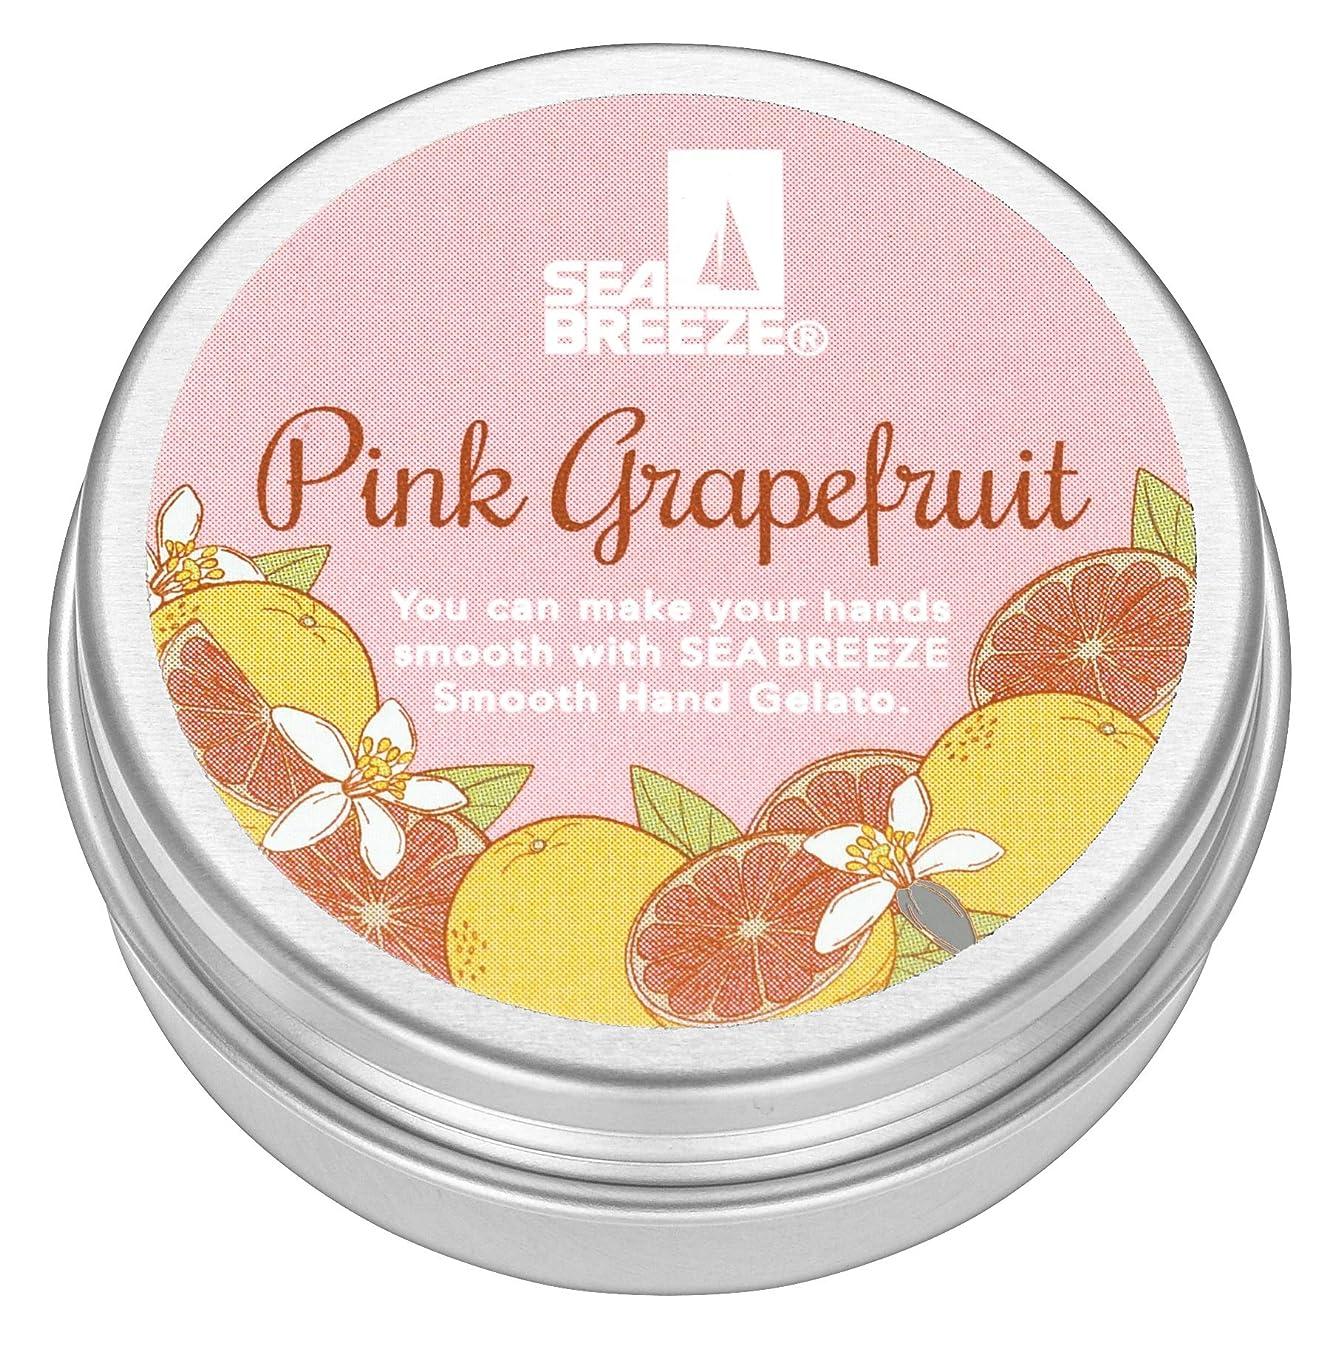 リーク松の木ガチョウシーブリーズ スムースハンドジェラート ピンクグレープフルーツ 18g